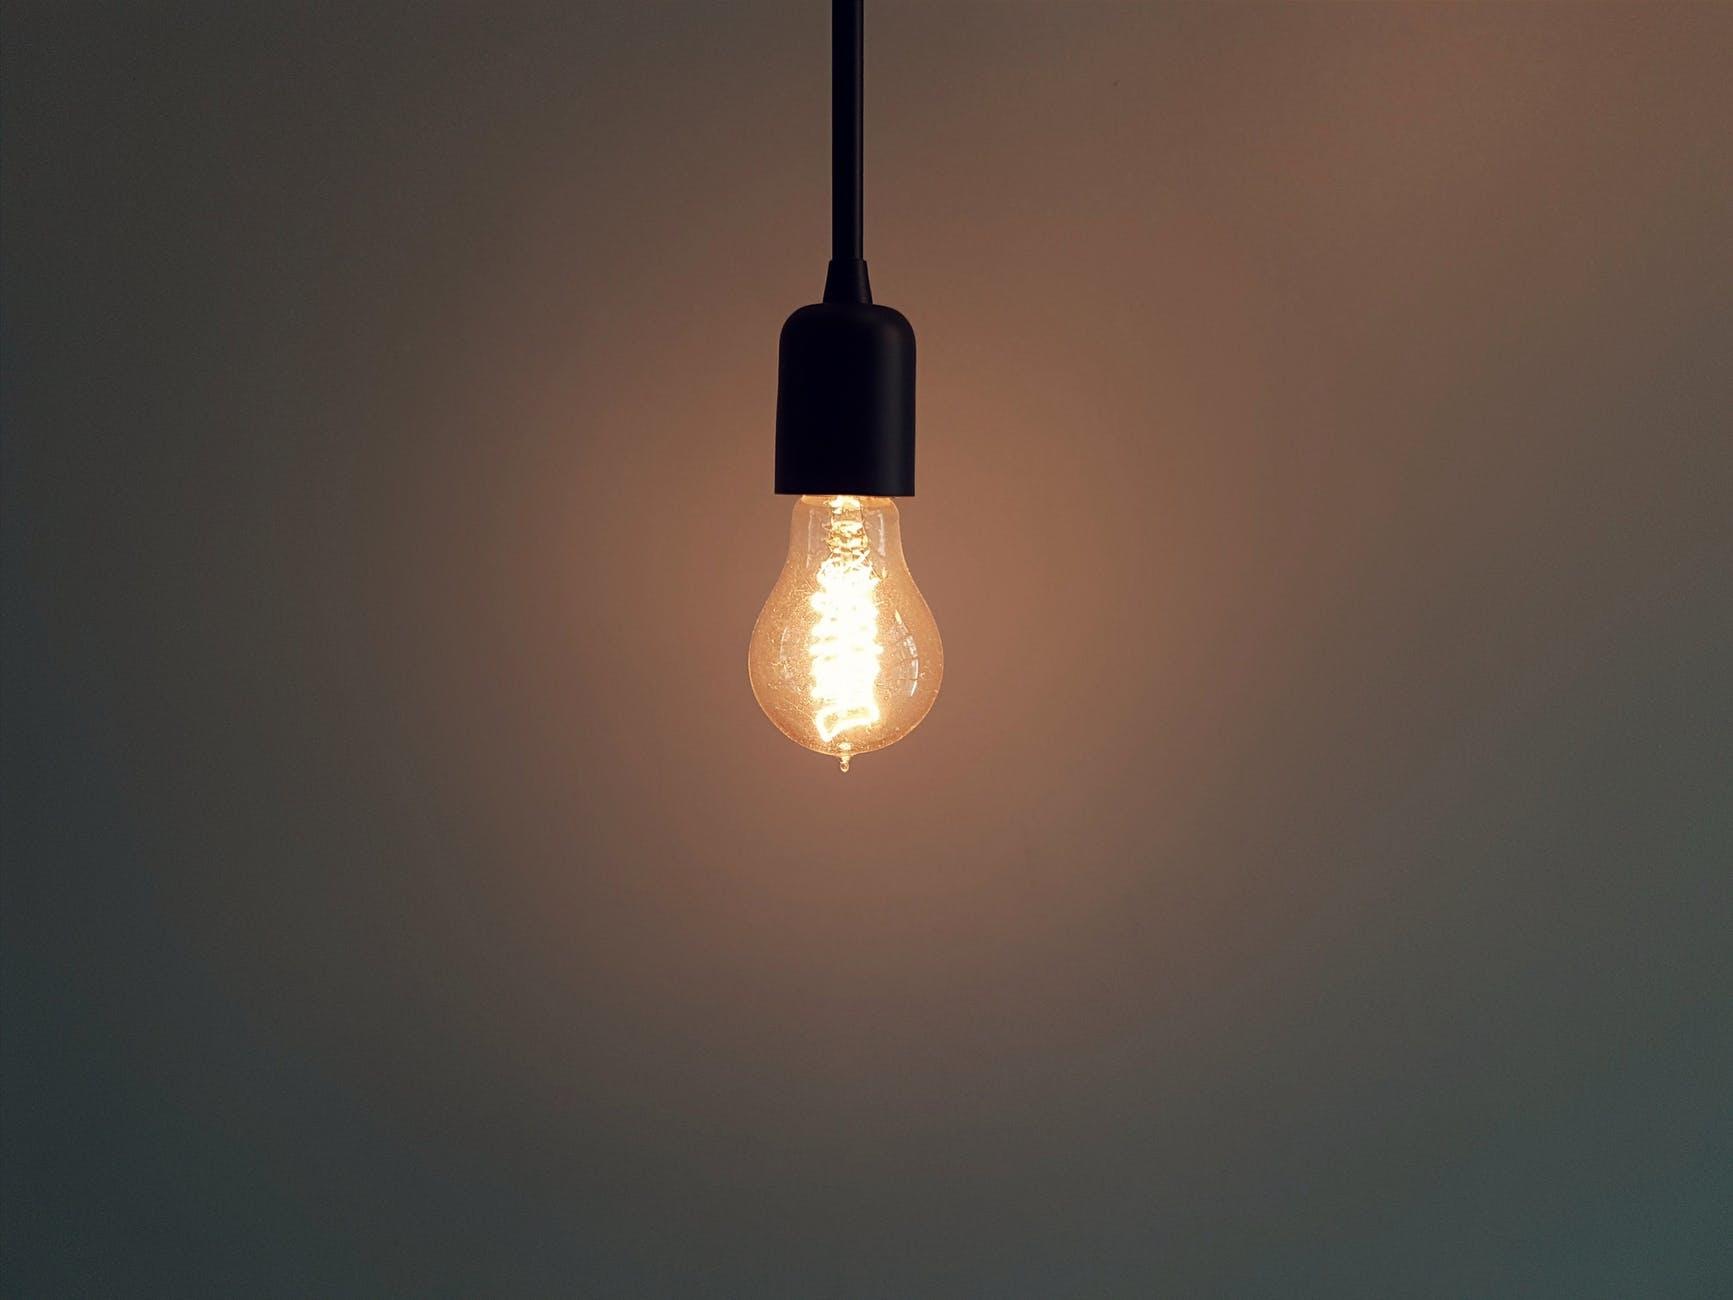 03|照明は落として寝やすい空間に